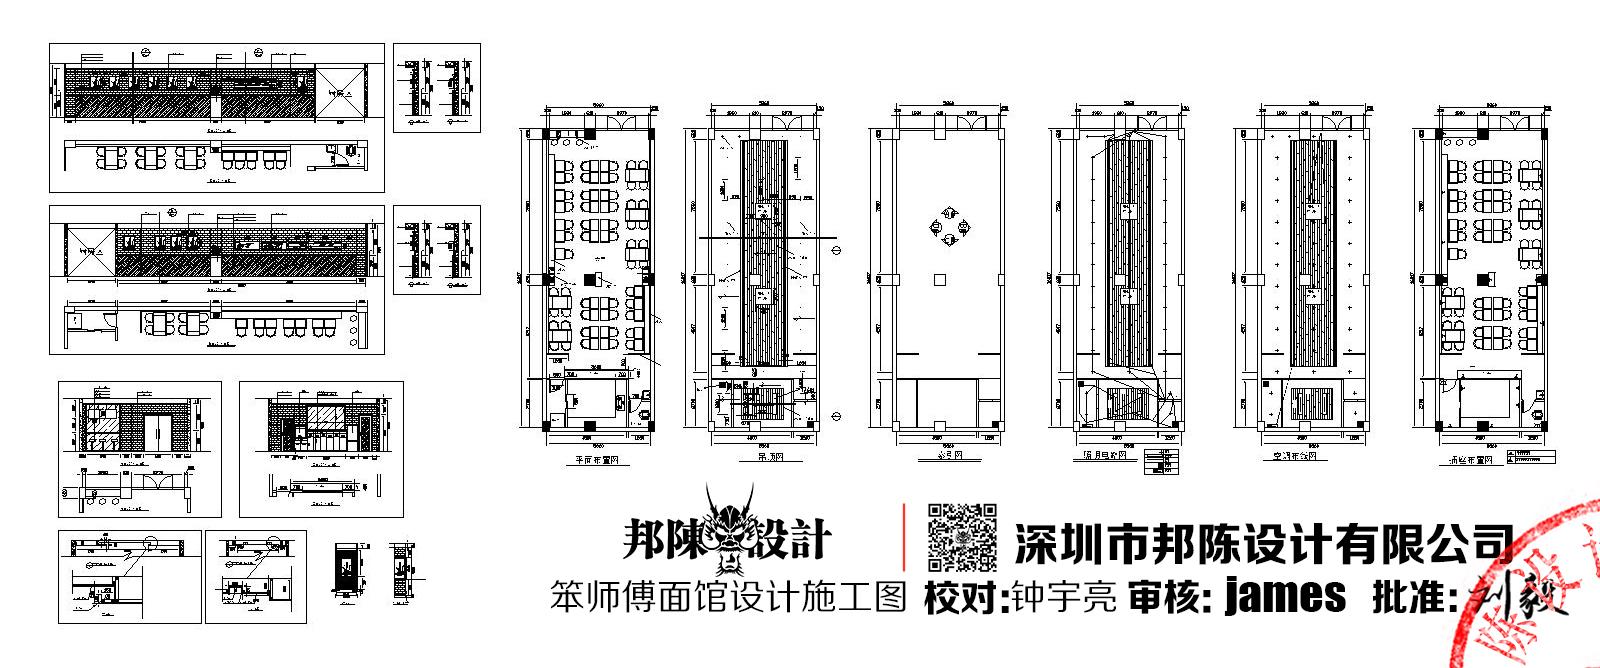 笨师傅面馆设计施工图-深圳市邦陈设计有限公司-Model